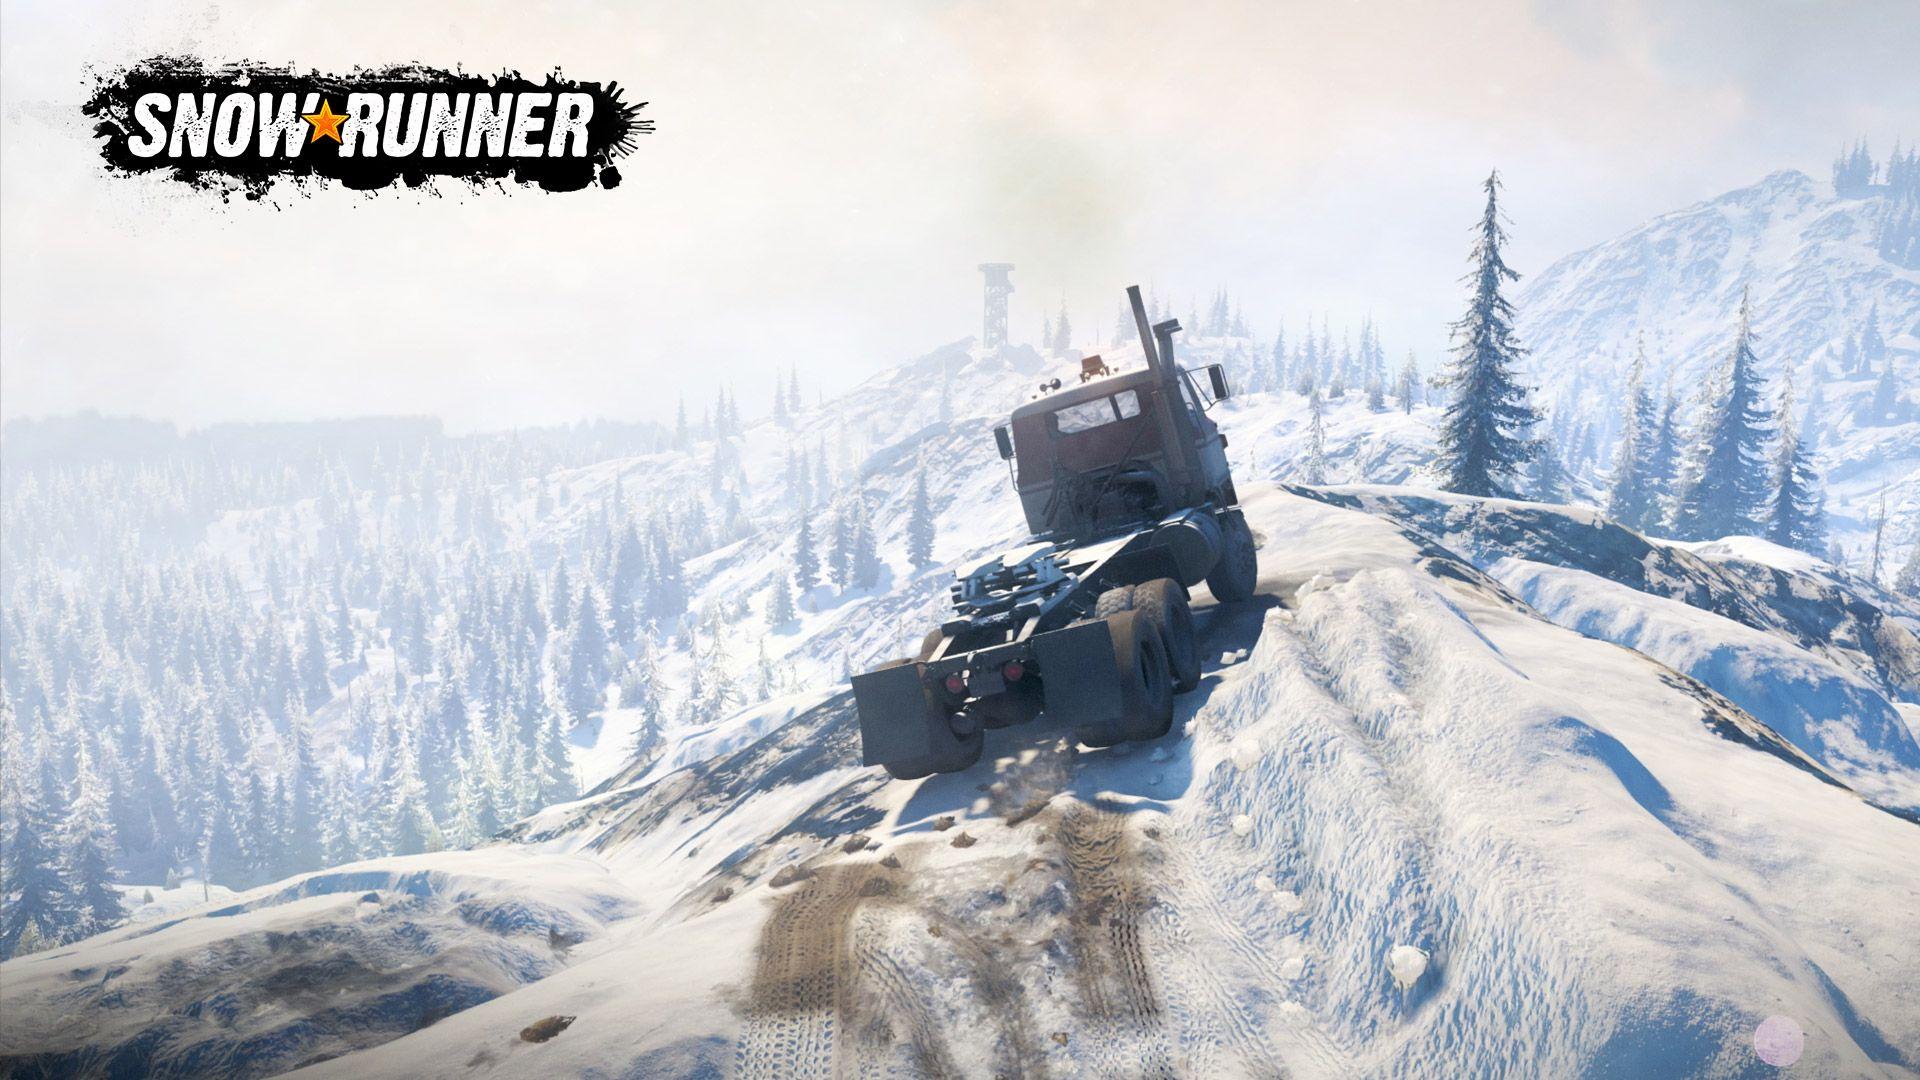 Vychází SnowRunner s českými titulky, sledujte launch trailer